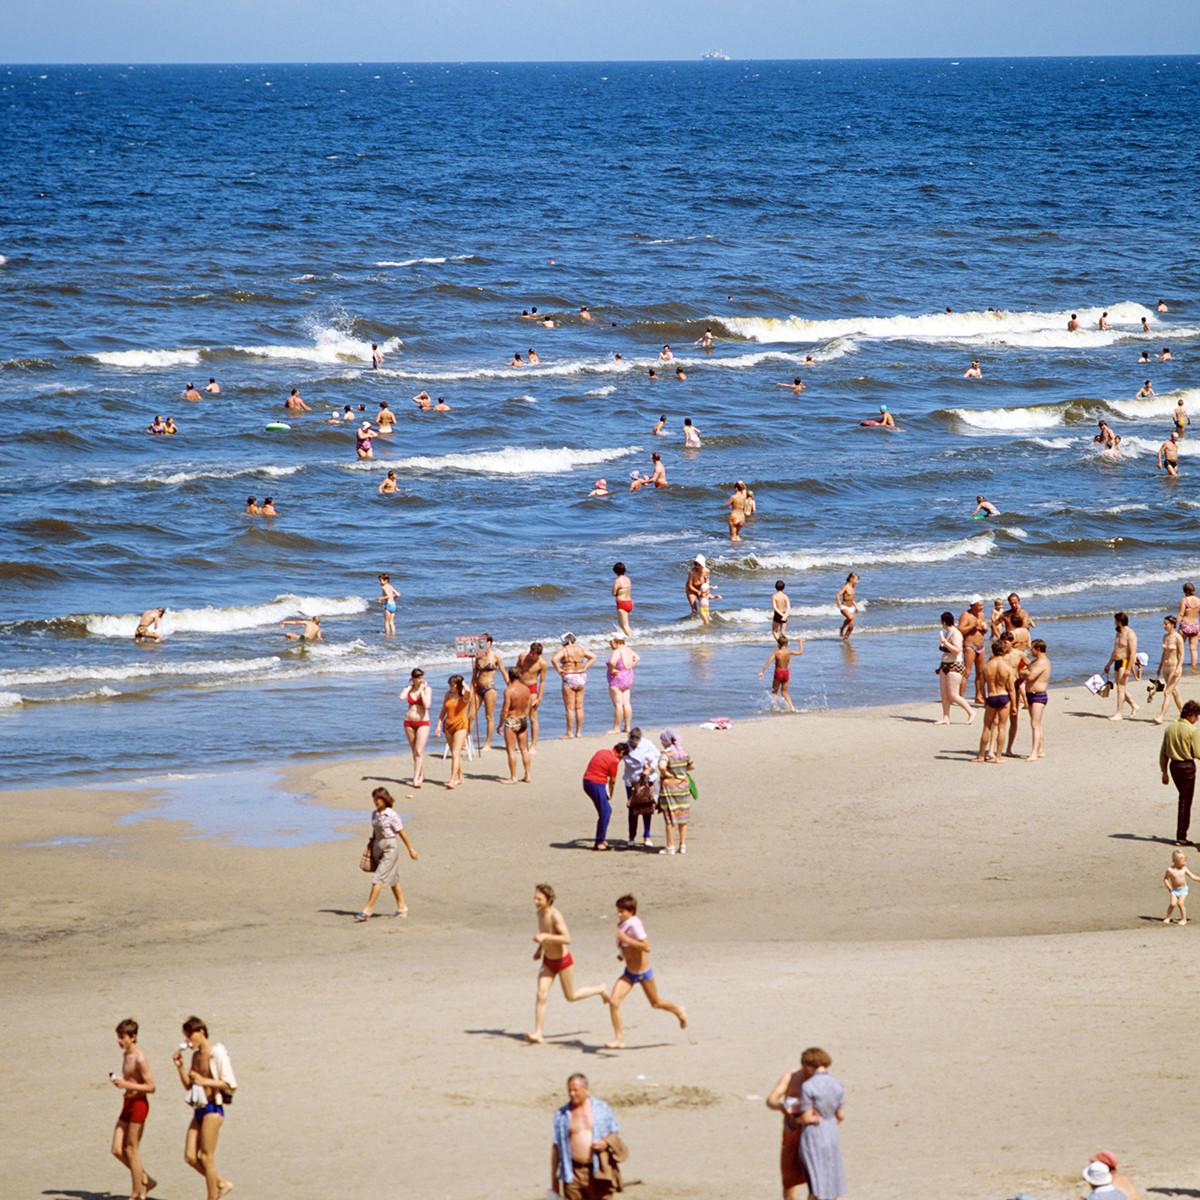 Юрмала, 1984 год. Отдыхающие на городском пляже.